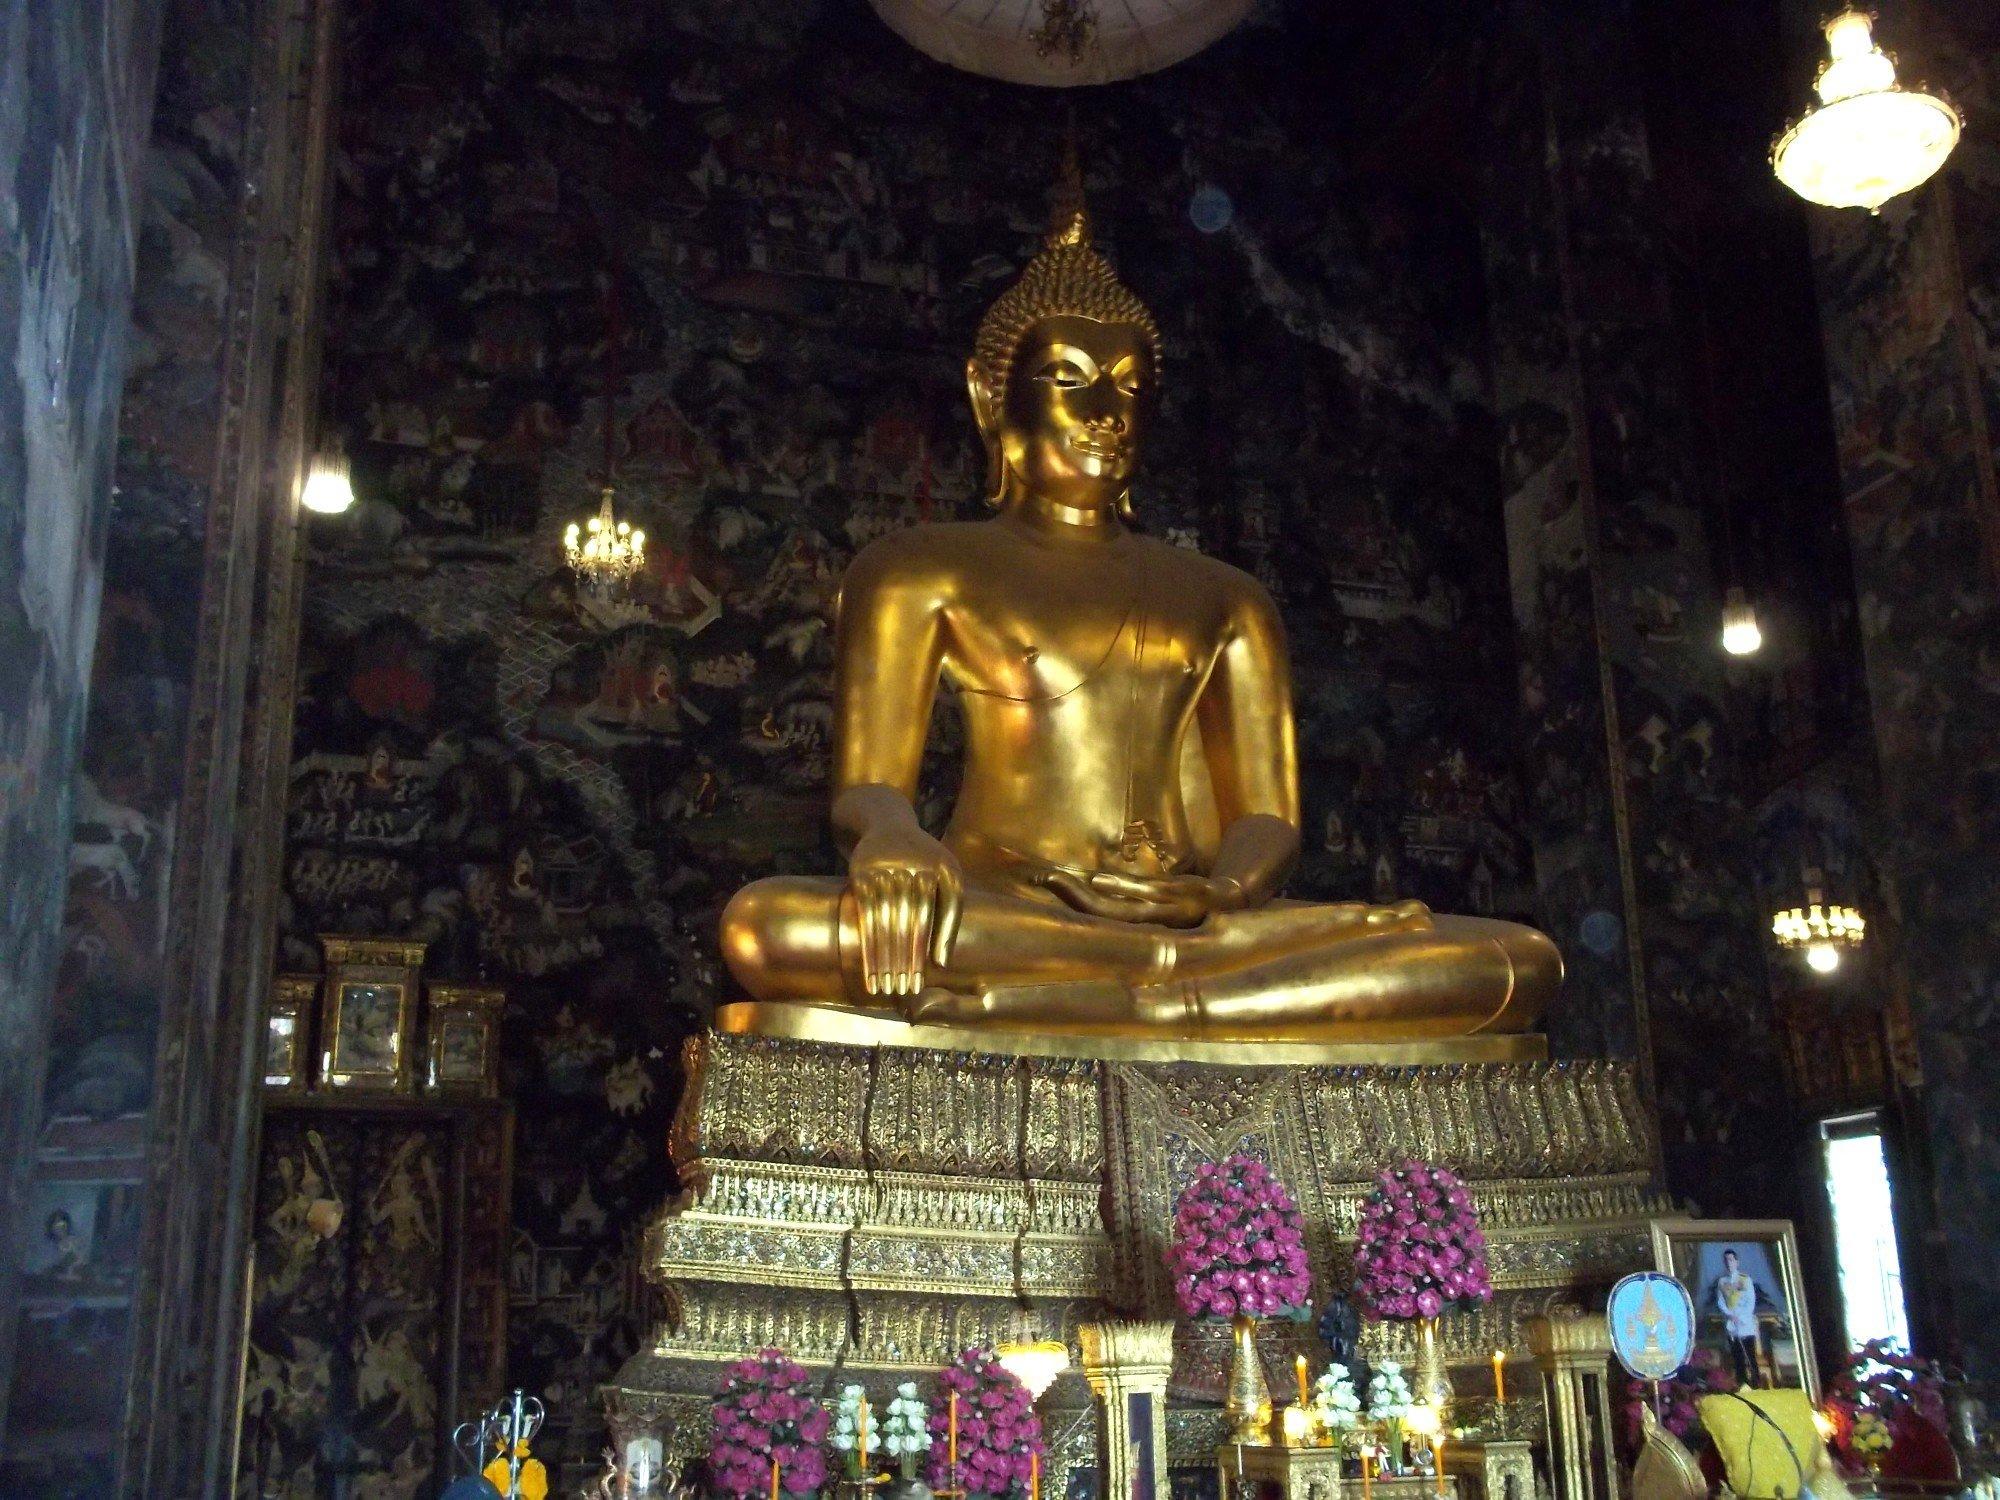 Phra Si Sakyamuni statue at Wat Suthat Thepwararam